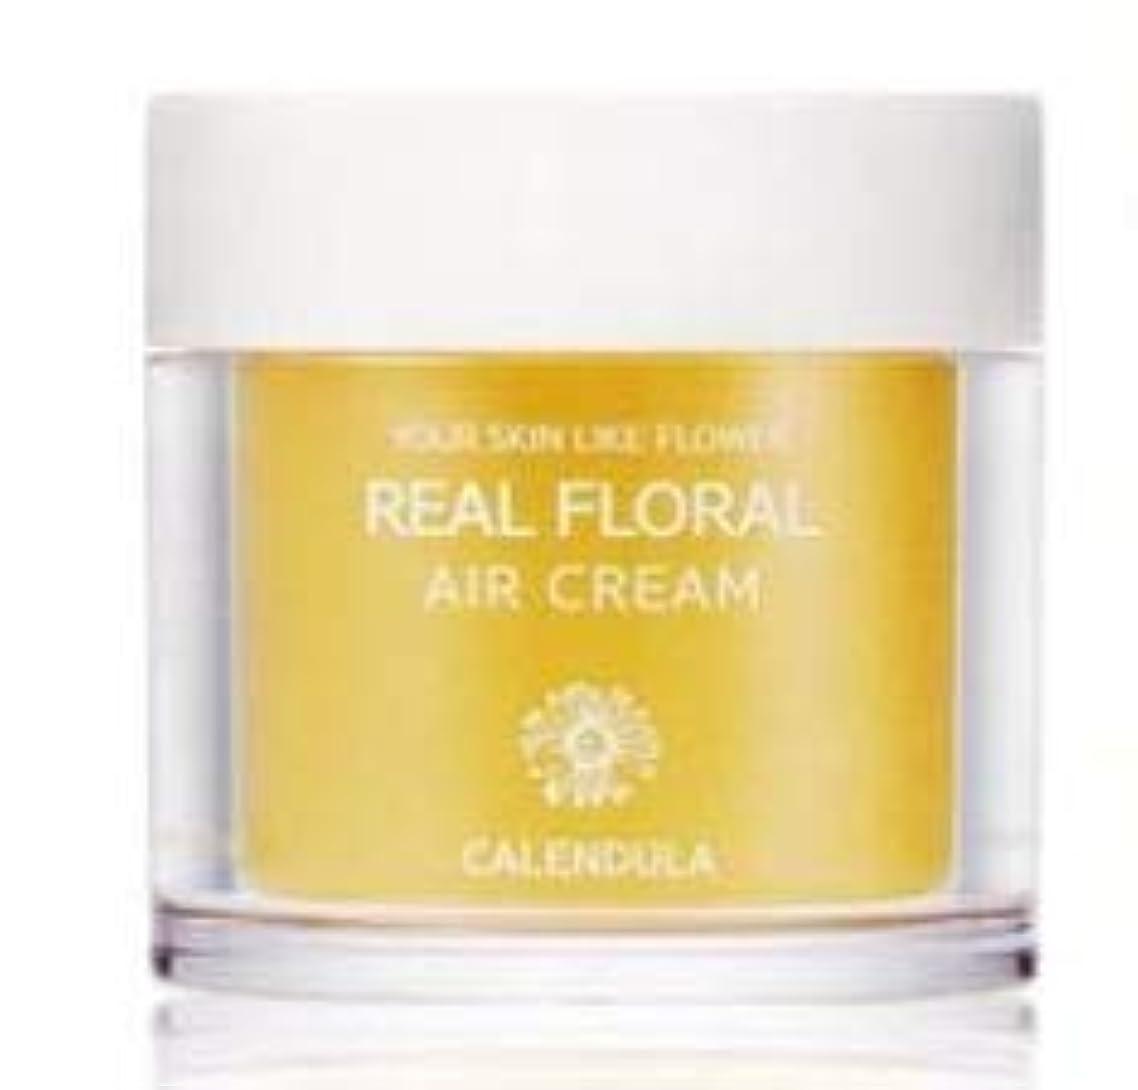 透けて見える倒産庭園NATURAL PACIFIC Real Floral Air Cream 100ml (Calendula) /ナチュラルパシフィック リアル カレンデュラ エア クリーム 100ml [並行輸入品]